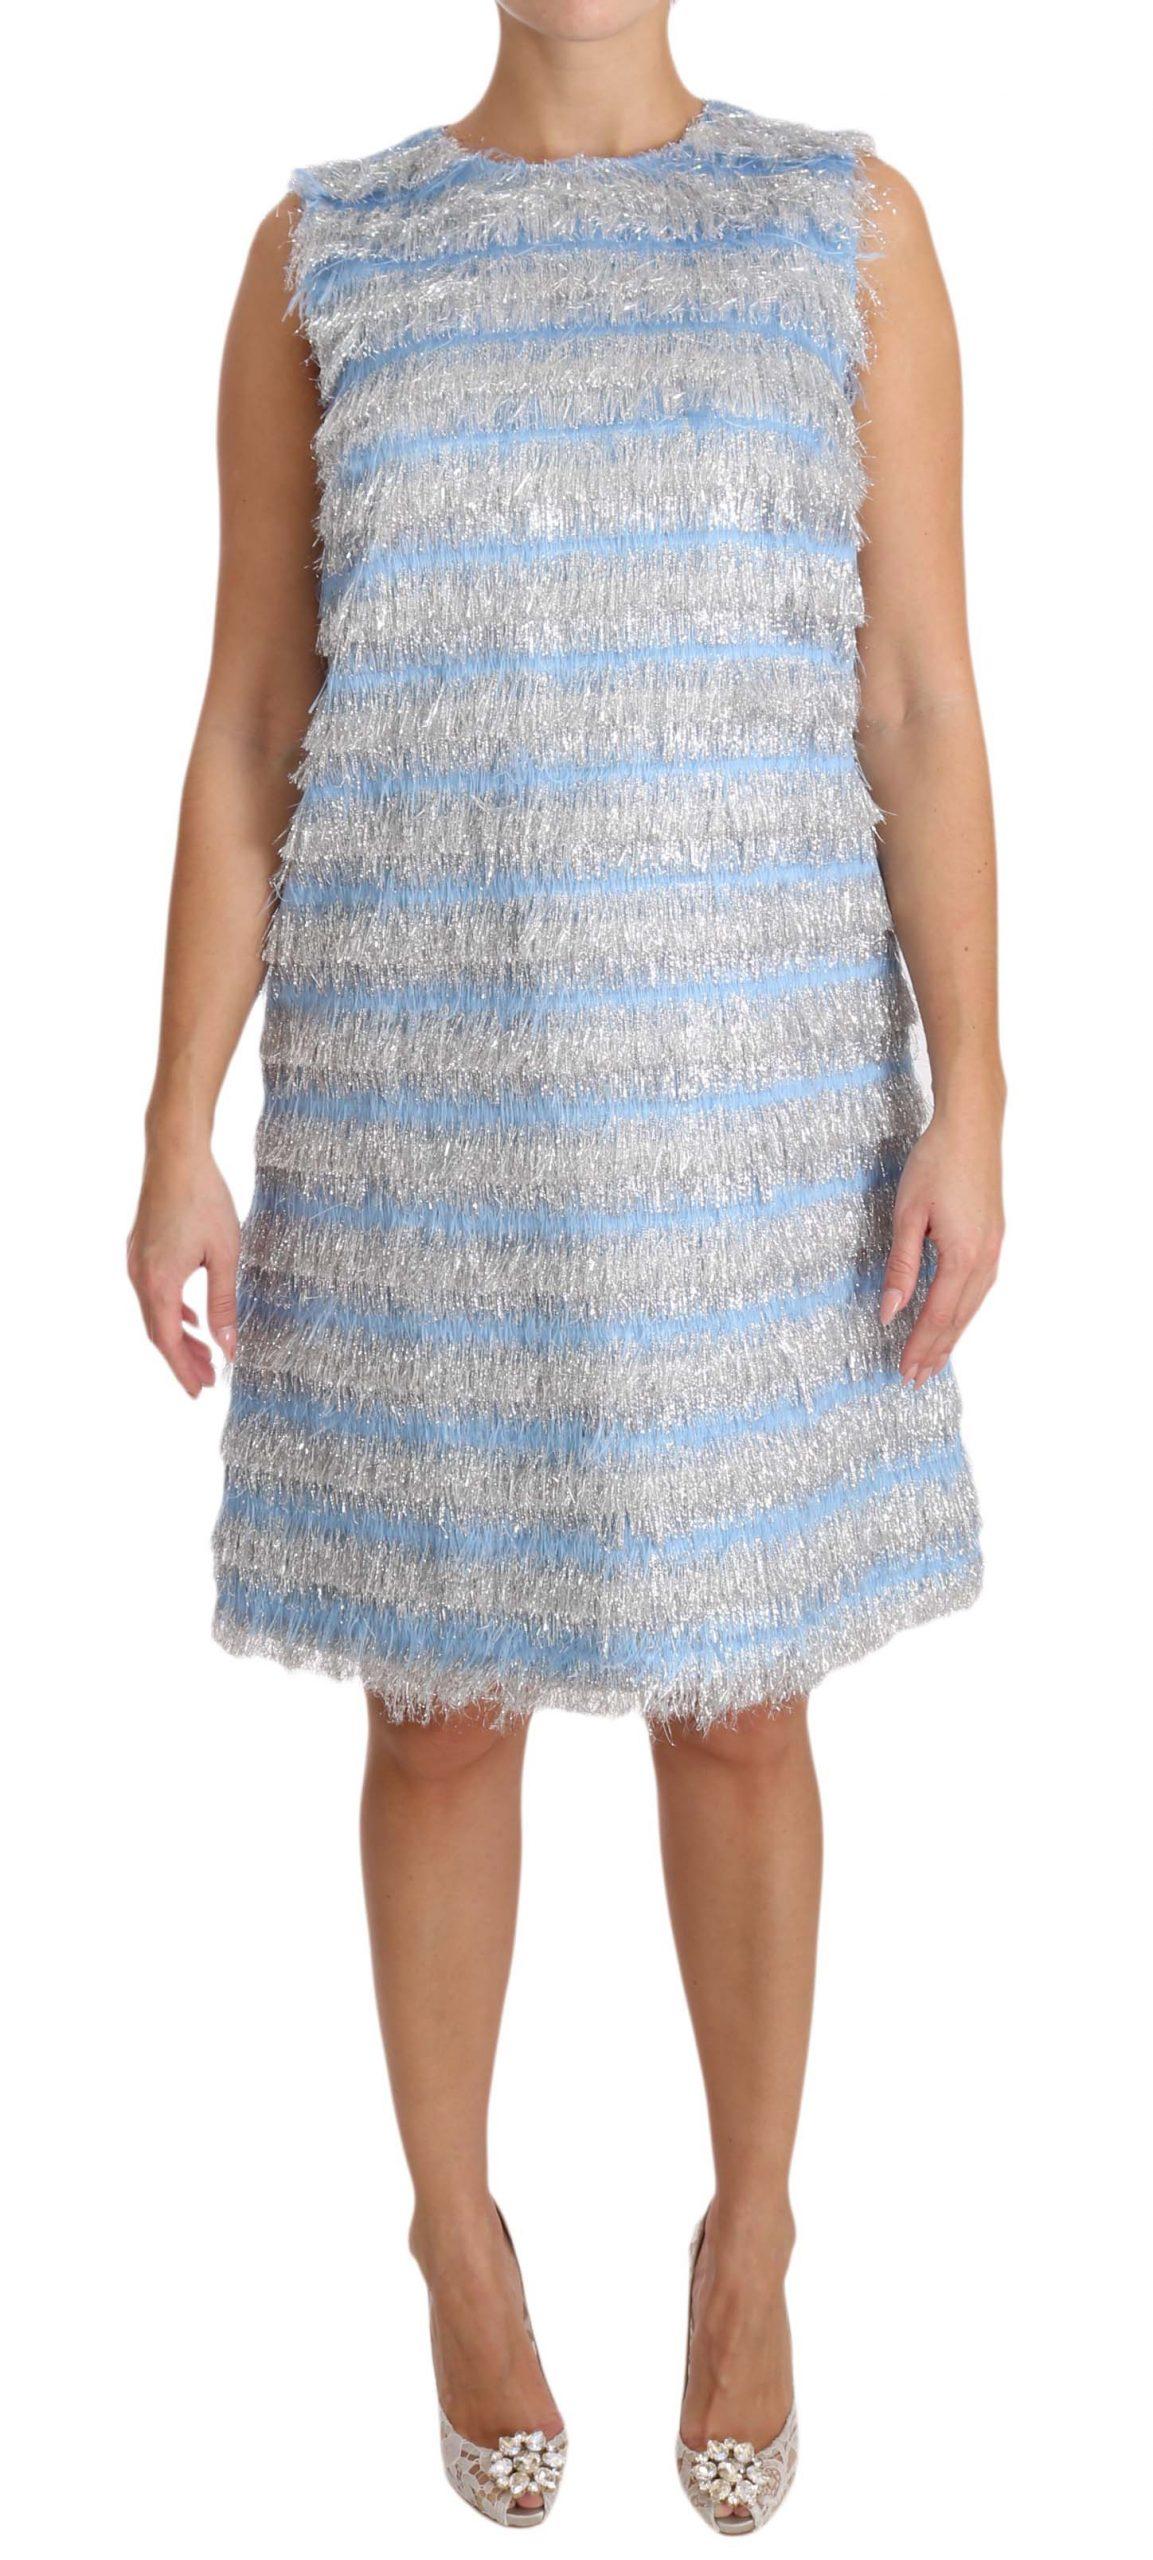 Dolce & Gabbana Women's Shift Gown Dress Light Blue DR1604 - IT38|XS